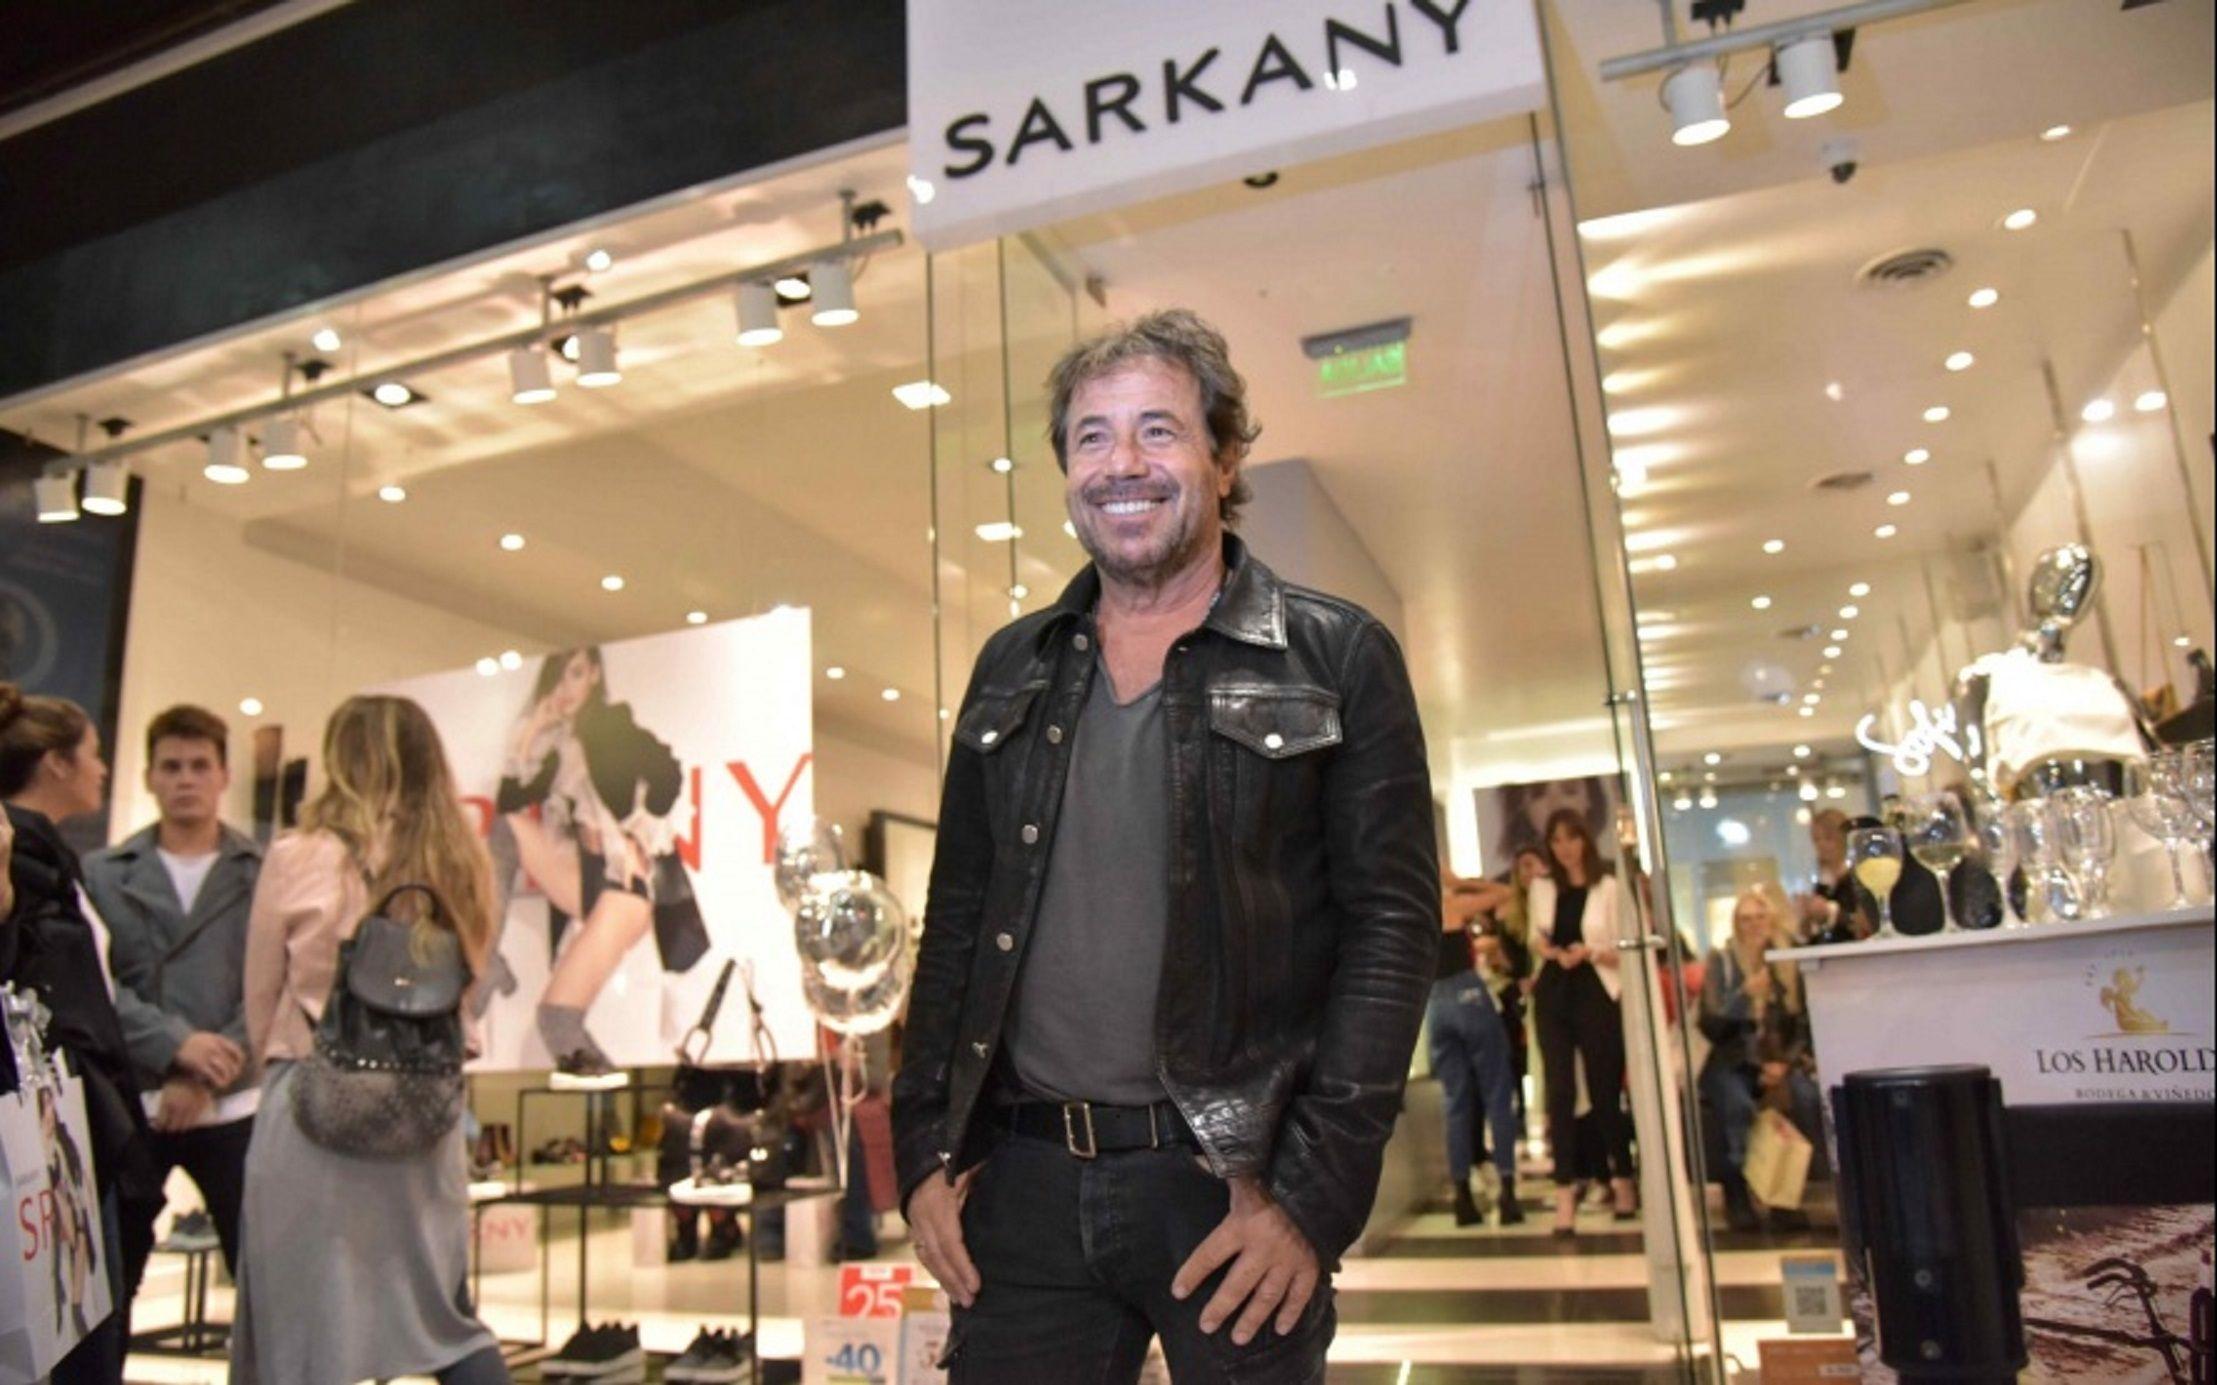 Una fábrica de Ricky Sarkany estaba colgada de la luz